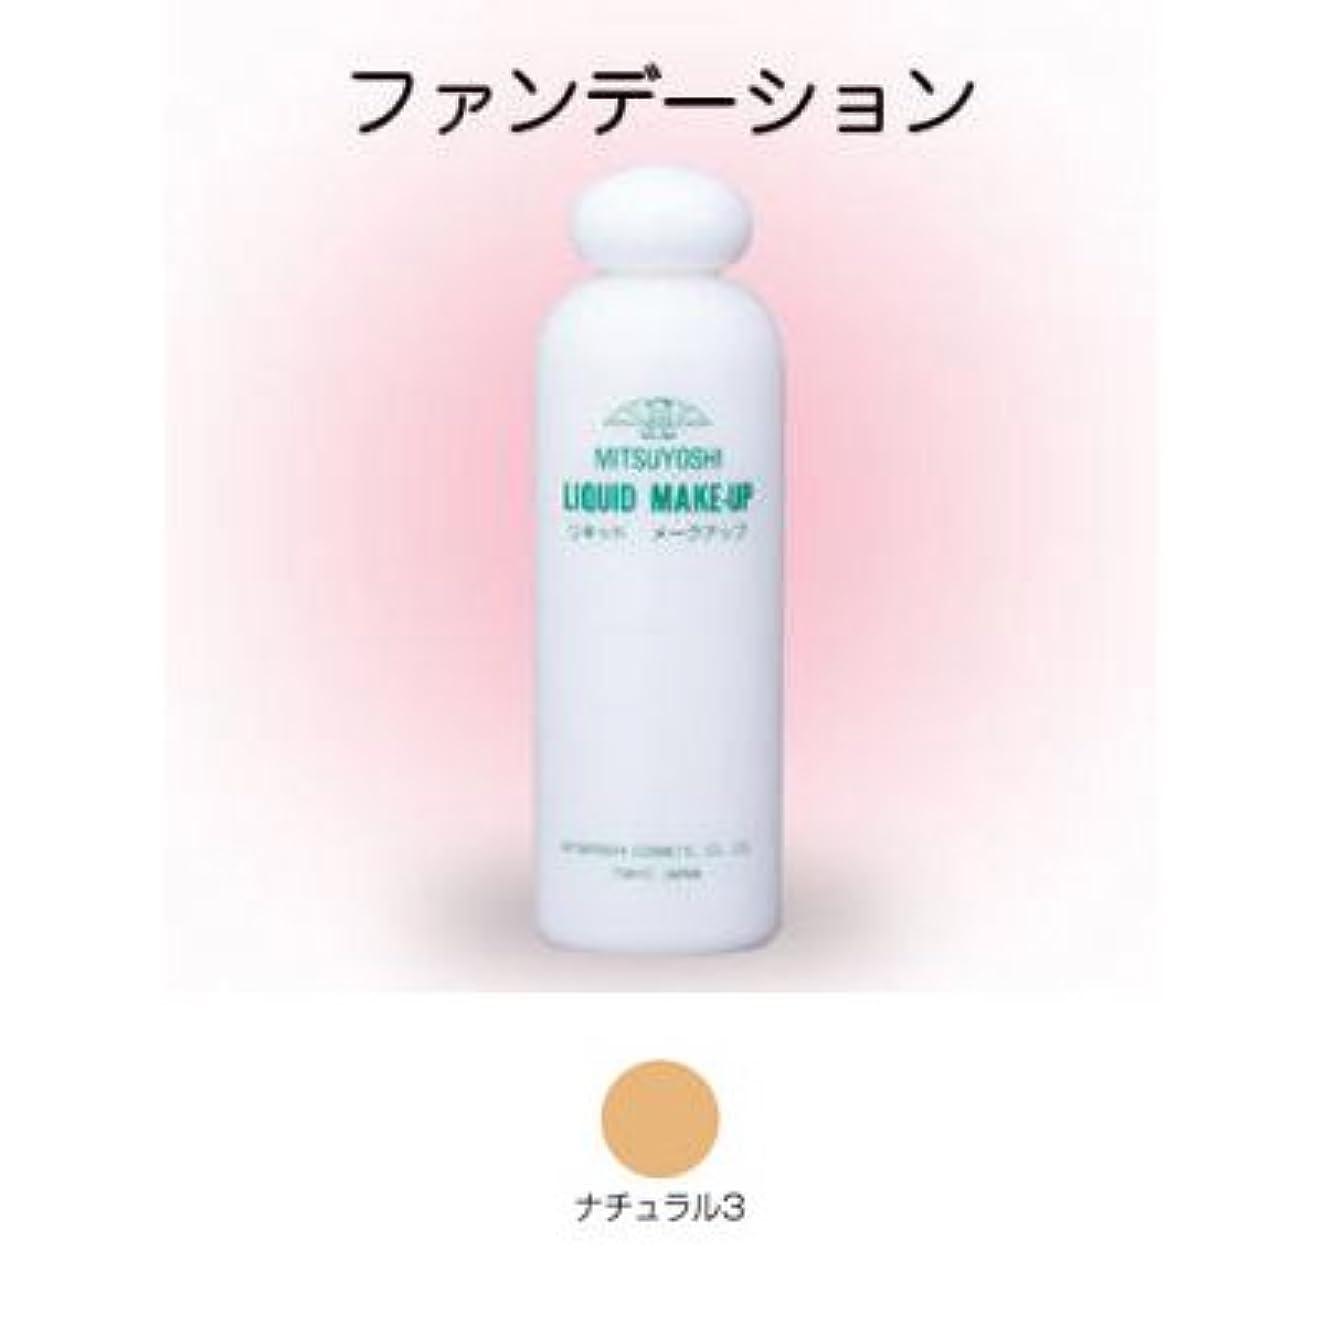 増強五石リキッドメークアップ 200ml ナチュラル3 【三善】